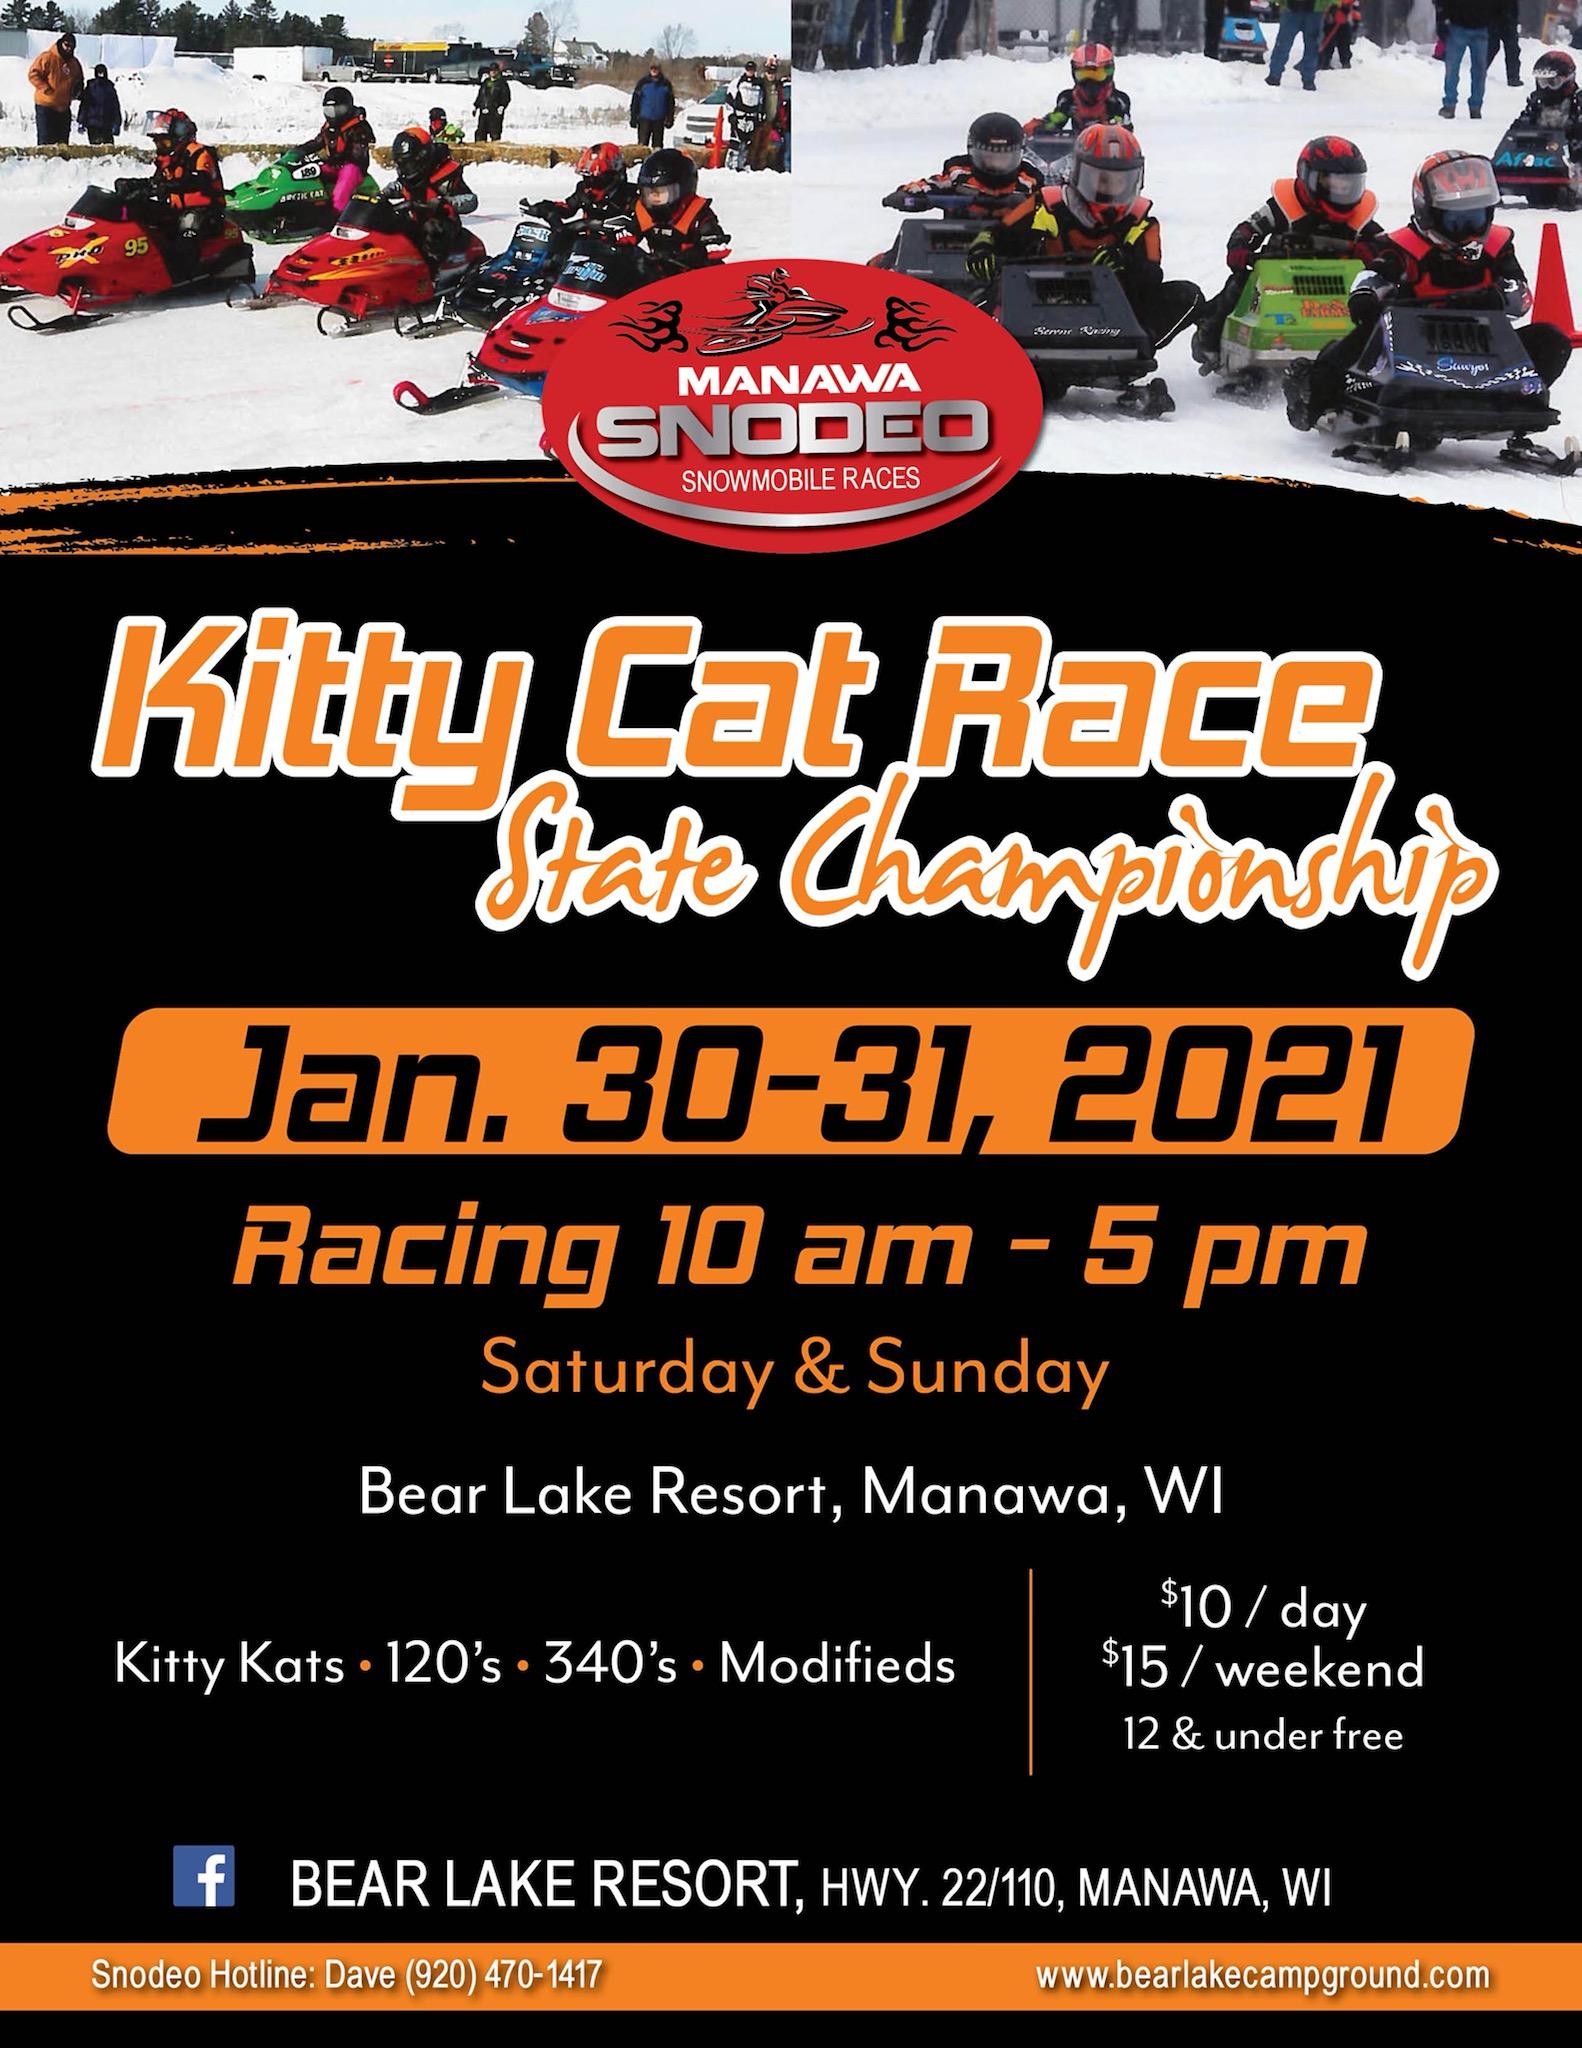 Kitty Cat Races - January 30-31